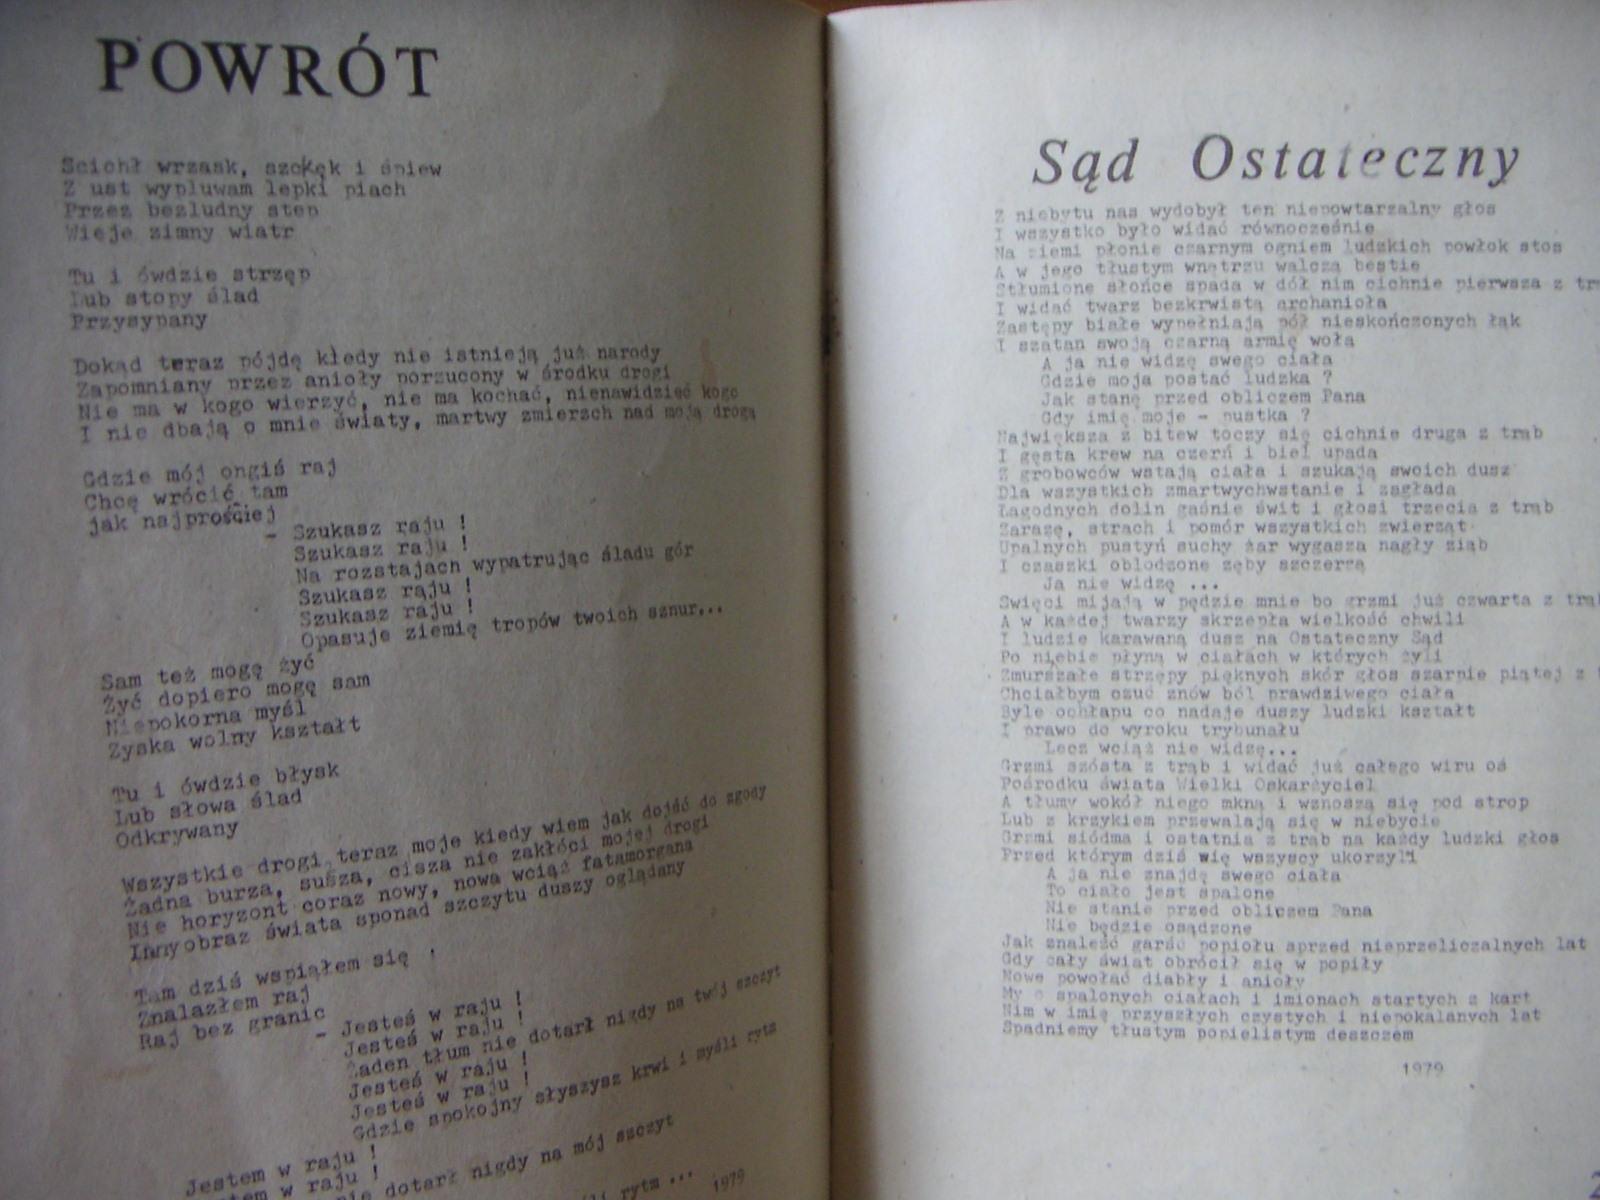 Jacek Kaczmarski, Tomik poezji ze stanu wojennego, Wydano prawdopodobnie w Krakowie ok 1981 roku. Wydawnictwa nie podano.